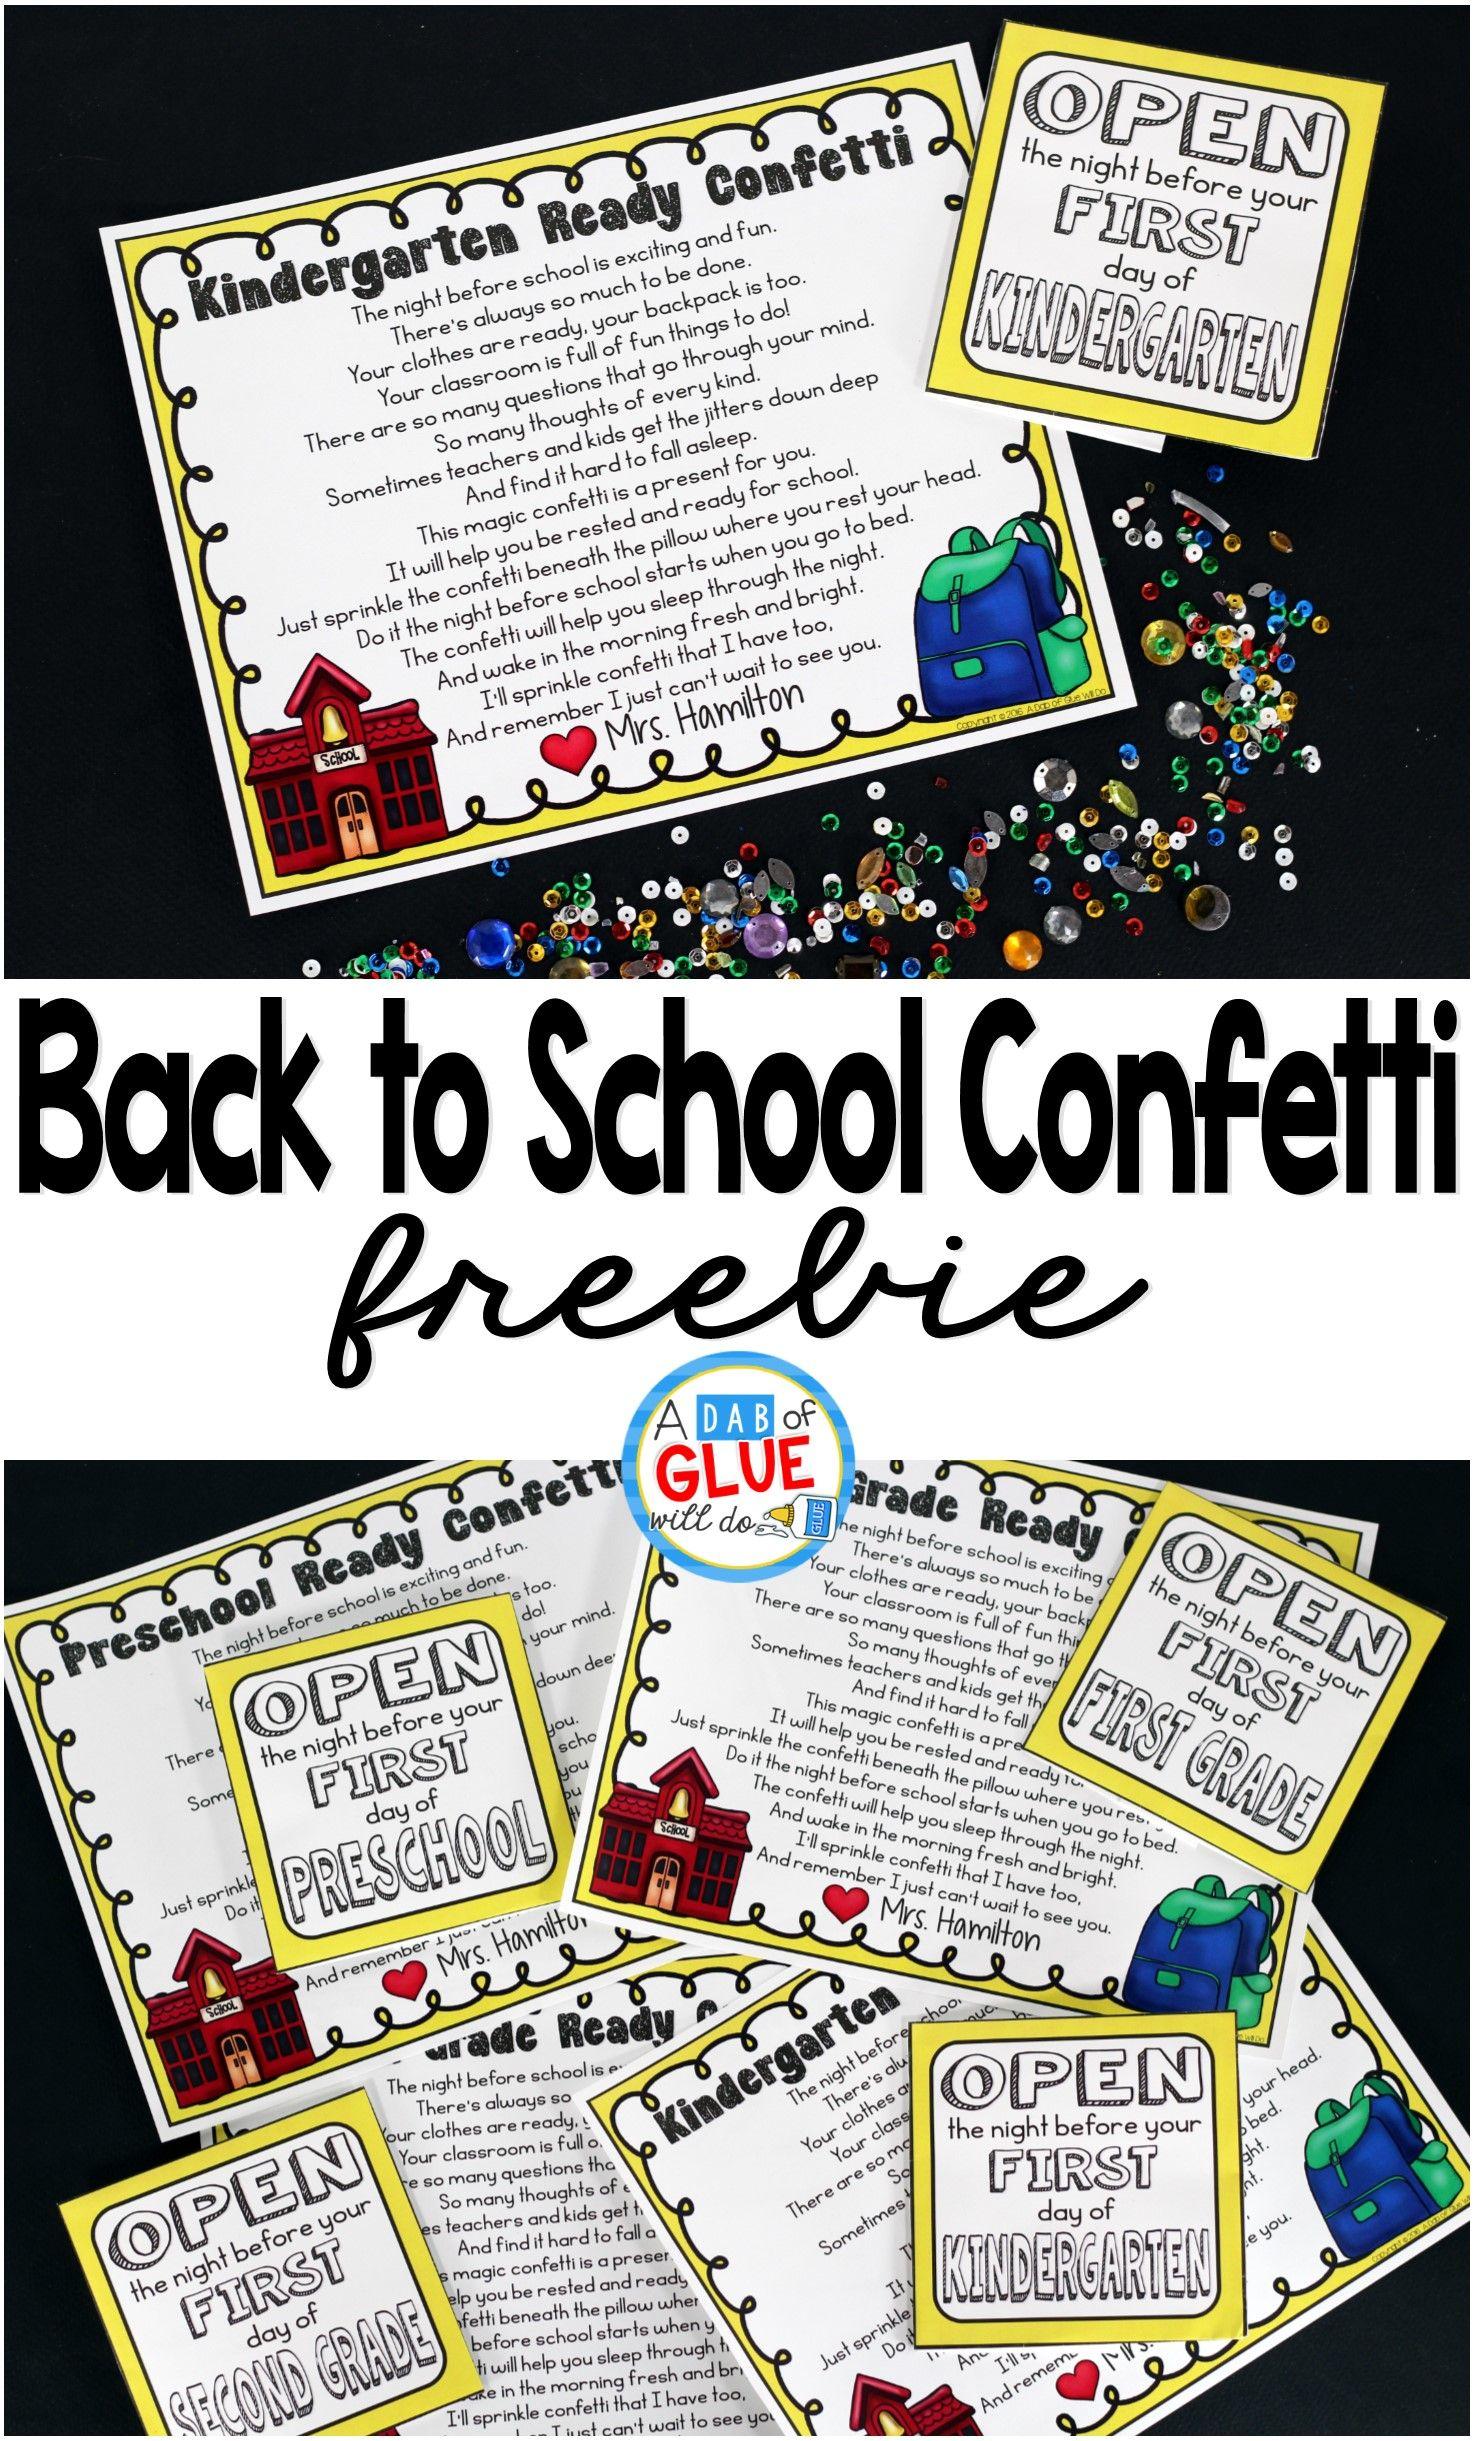 Back To School Confetti